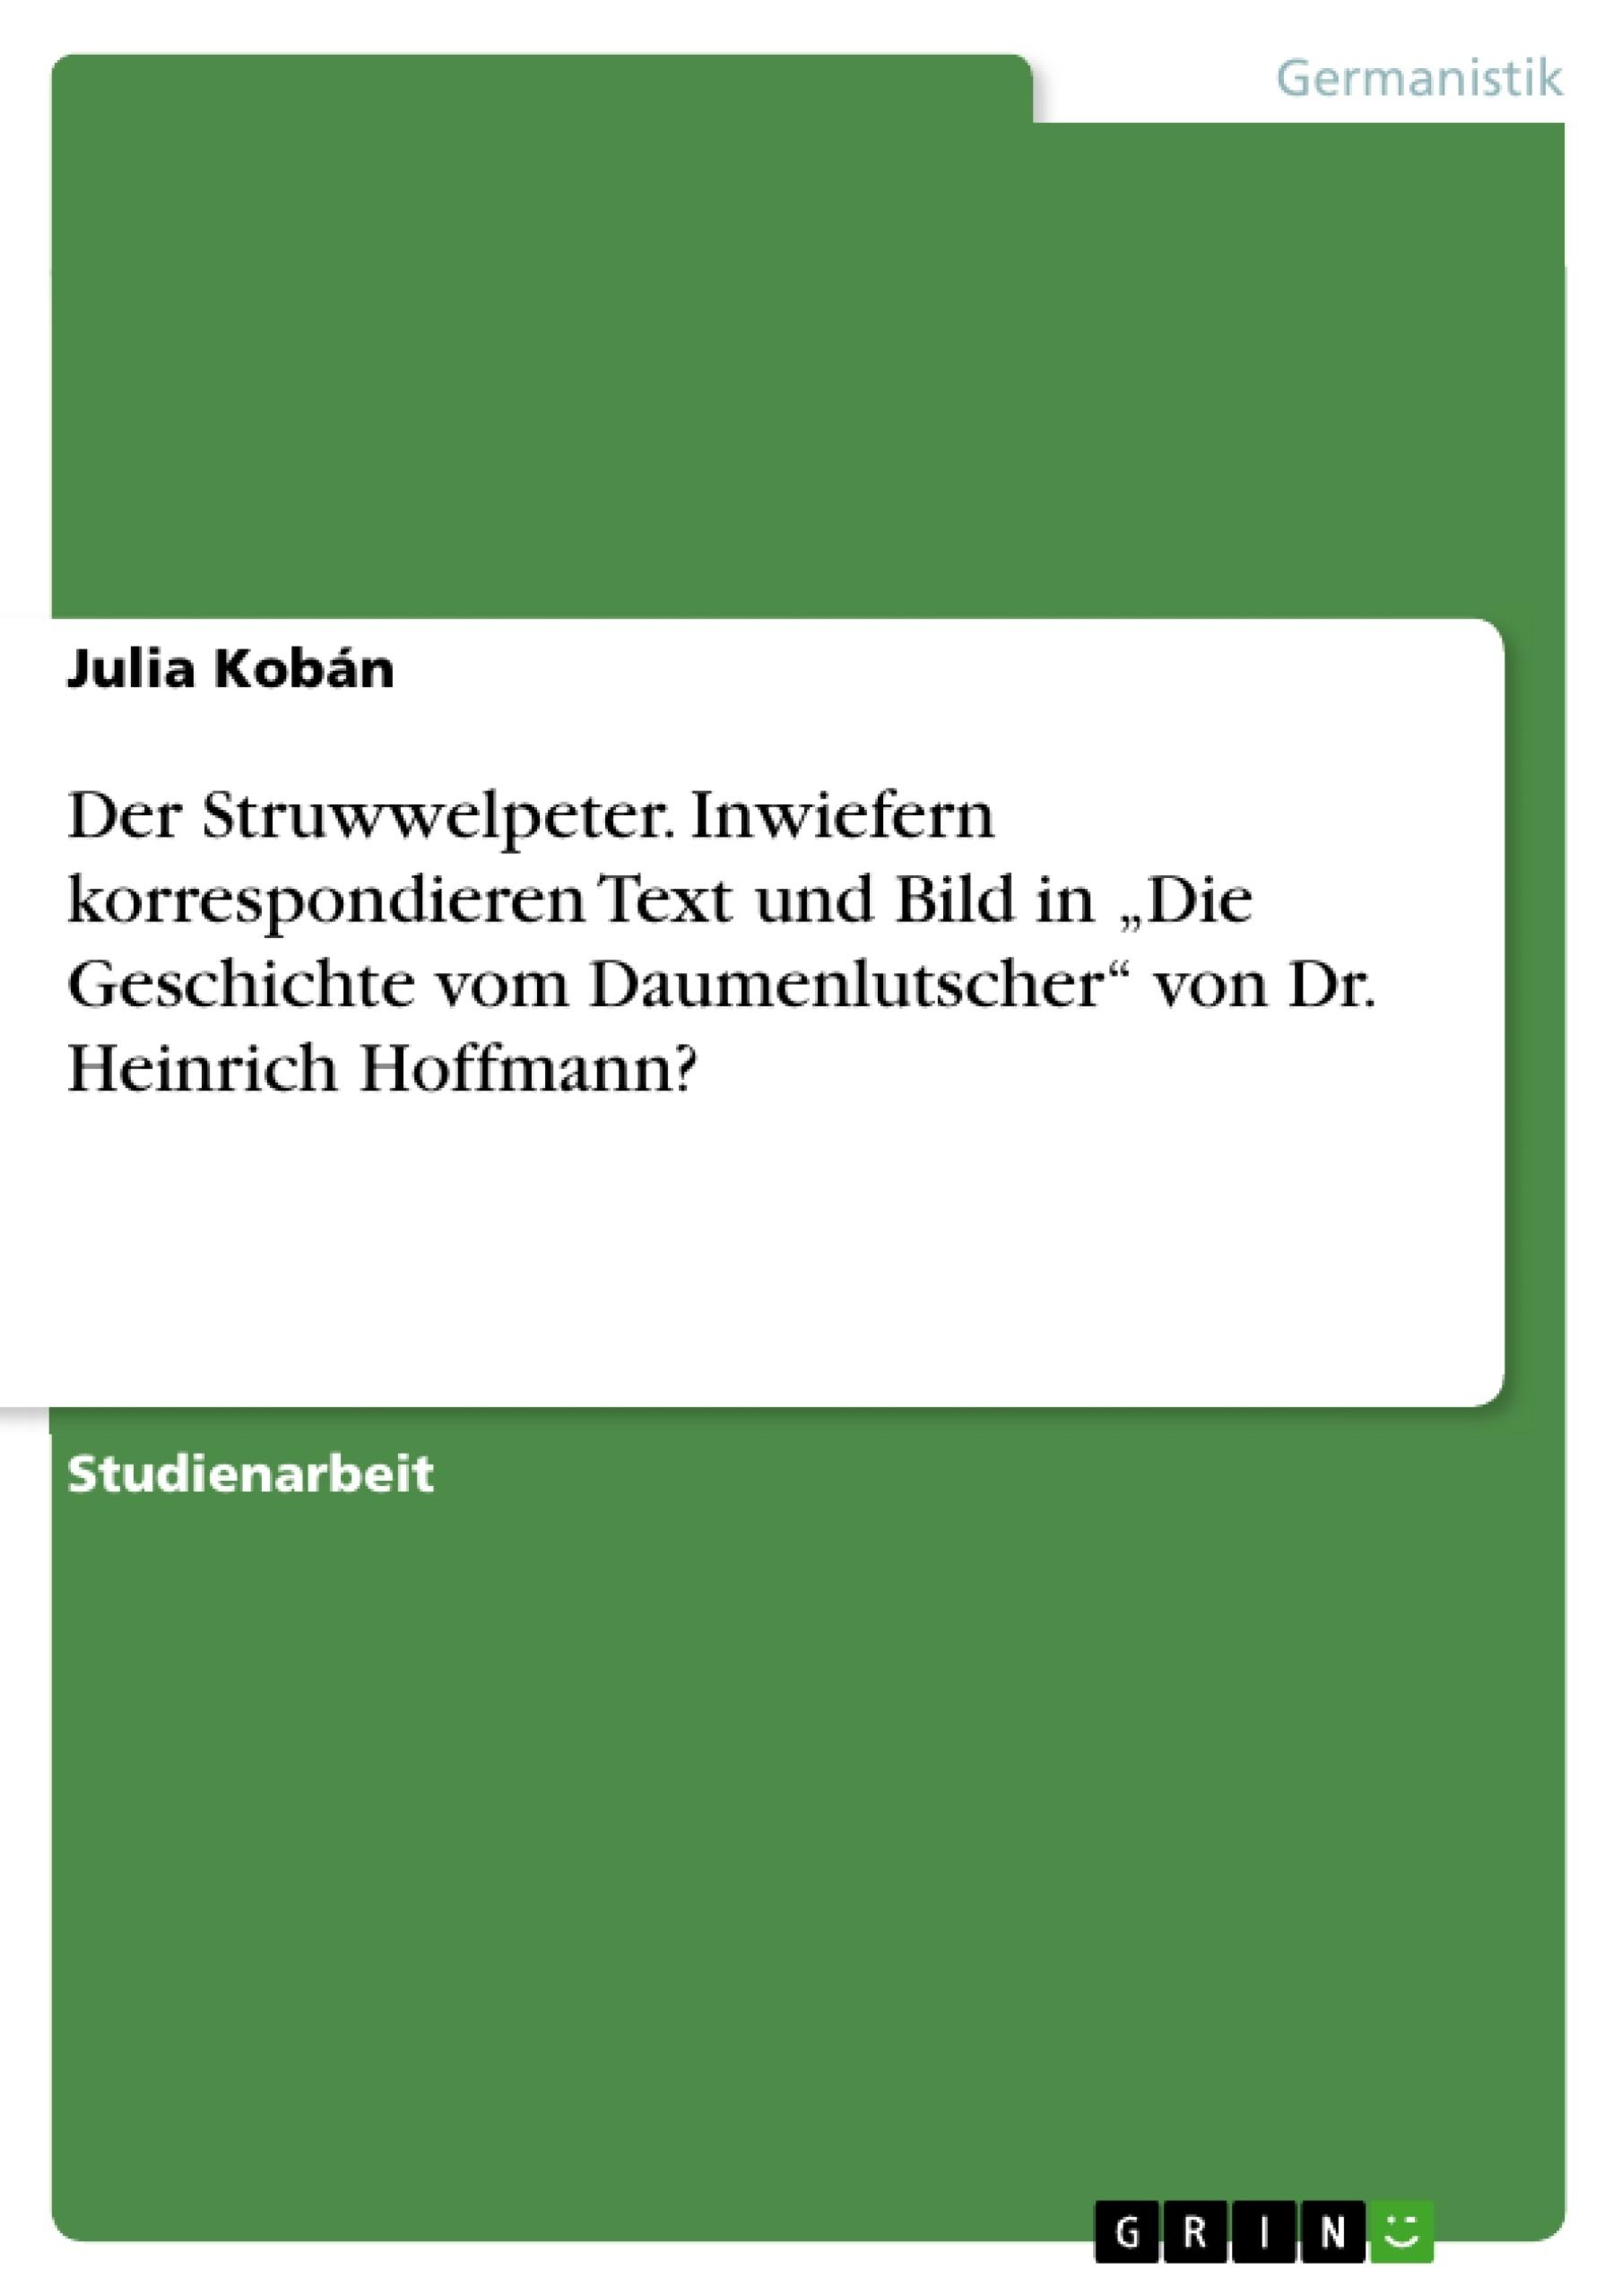 """Titel: Der Struwwelpeter. Inwiefern korrespondieren Text und Bild in """"Die Geschichte vom Daumenlutscher"""" von Dr. Heinrich Hoffmann?"""